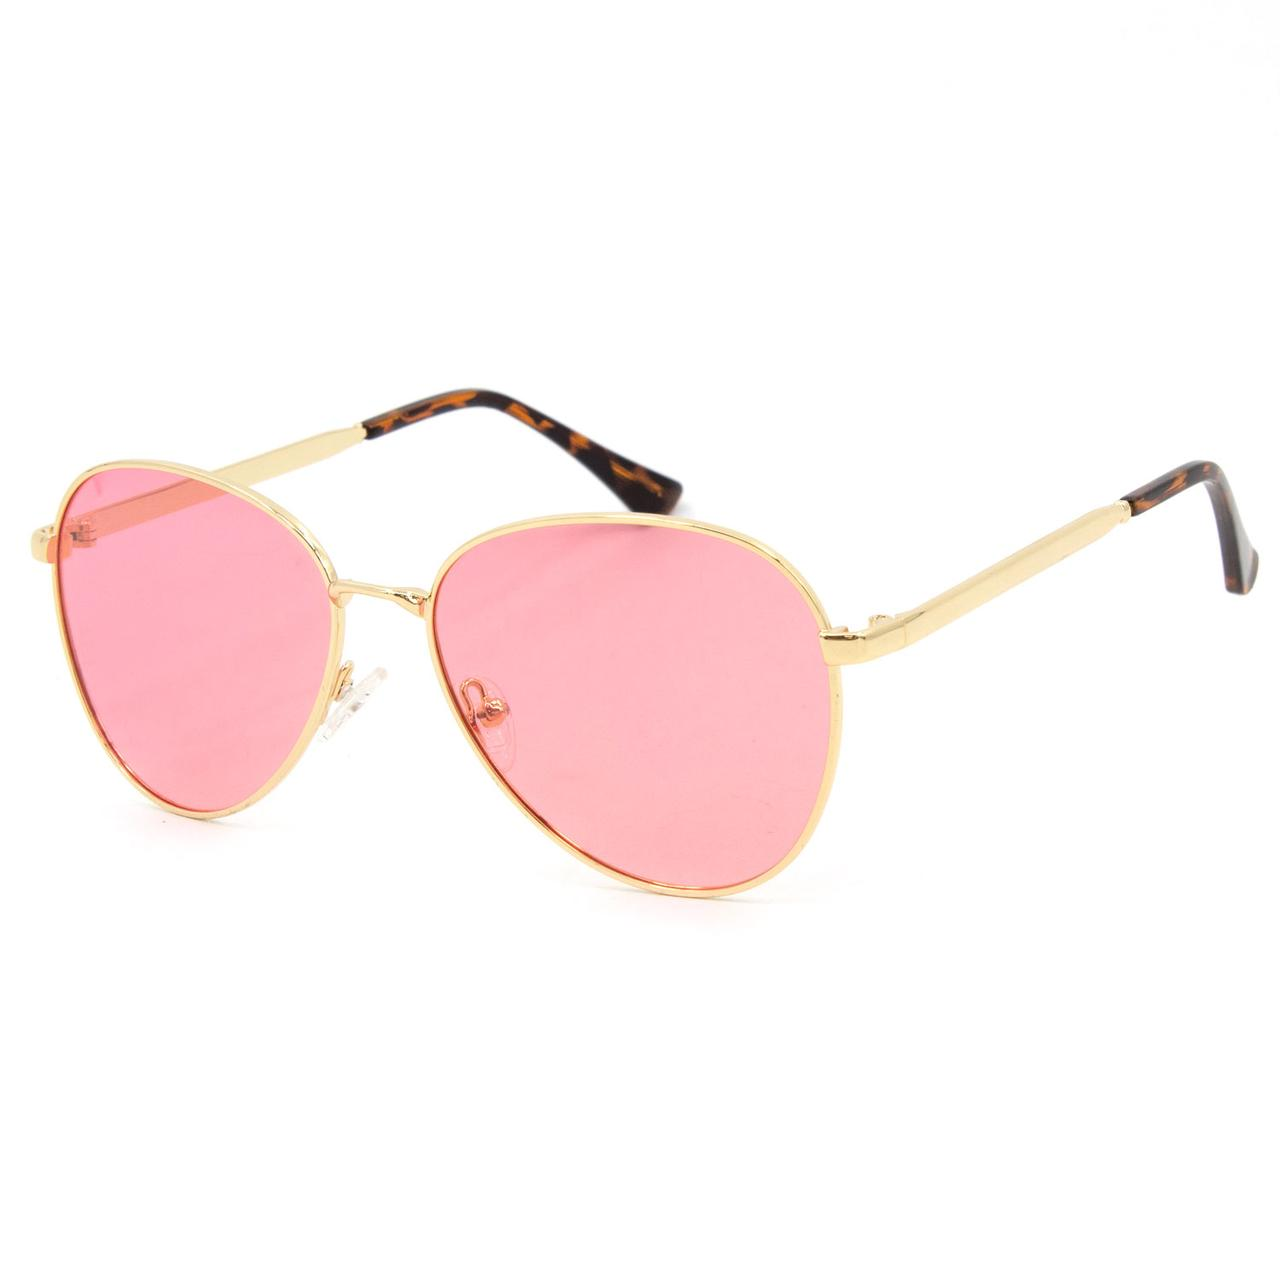 Солнцезащитные очки Marmilen Polar P201946 C2 розовые    ( P201946-02 )